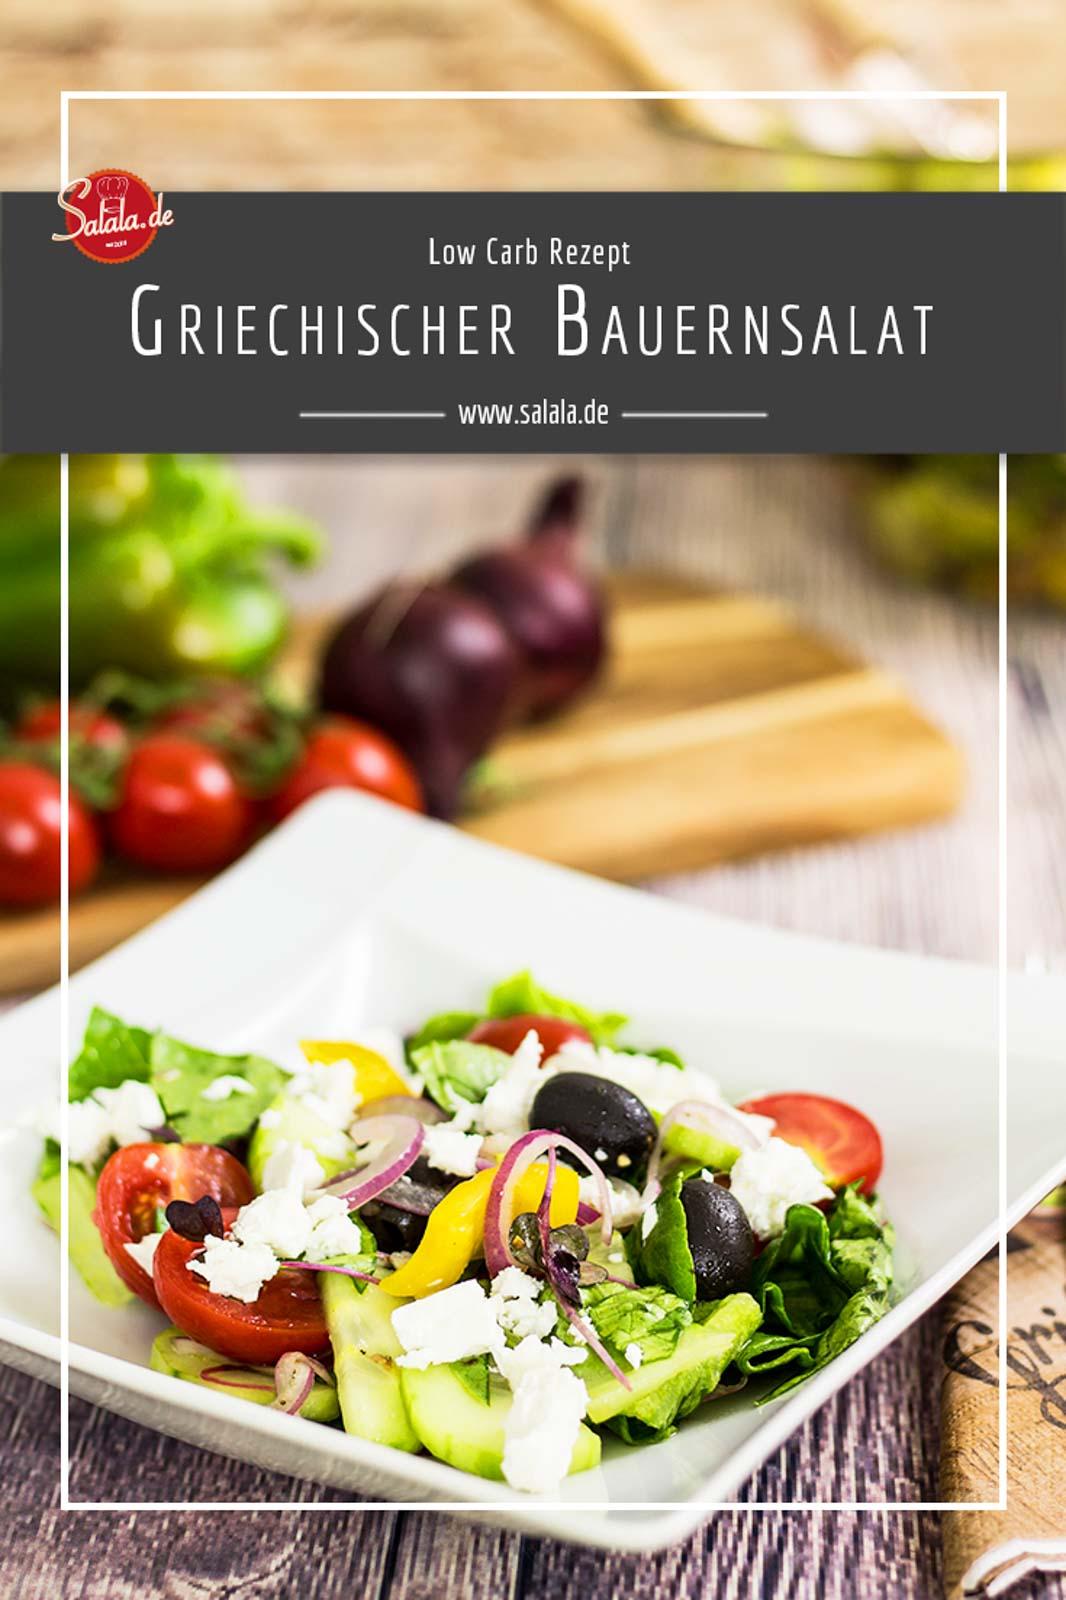 Griechischer Bauernsalat ganz einfach selbst gemacht ohne Kohlenhydrate Low Carb Rezept #lowcarb #zuckerfrei #salat